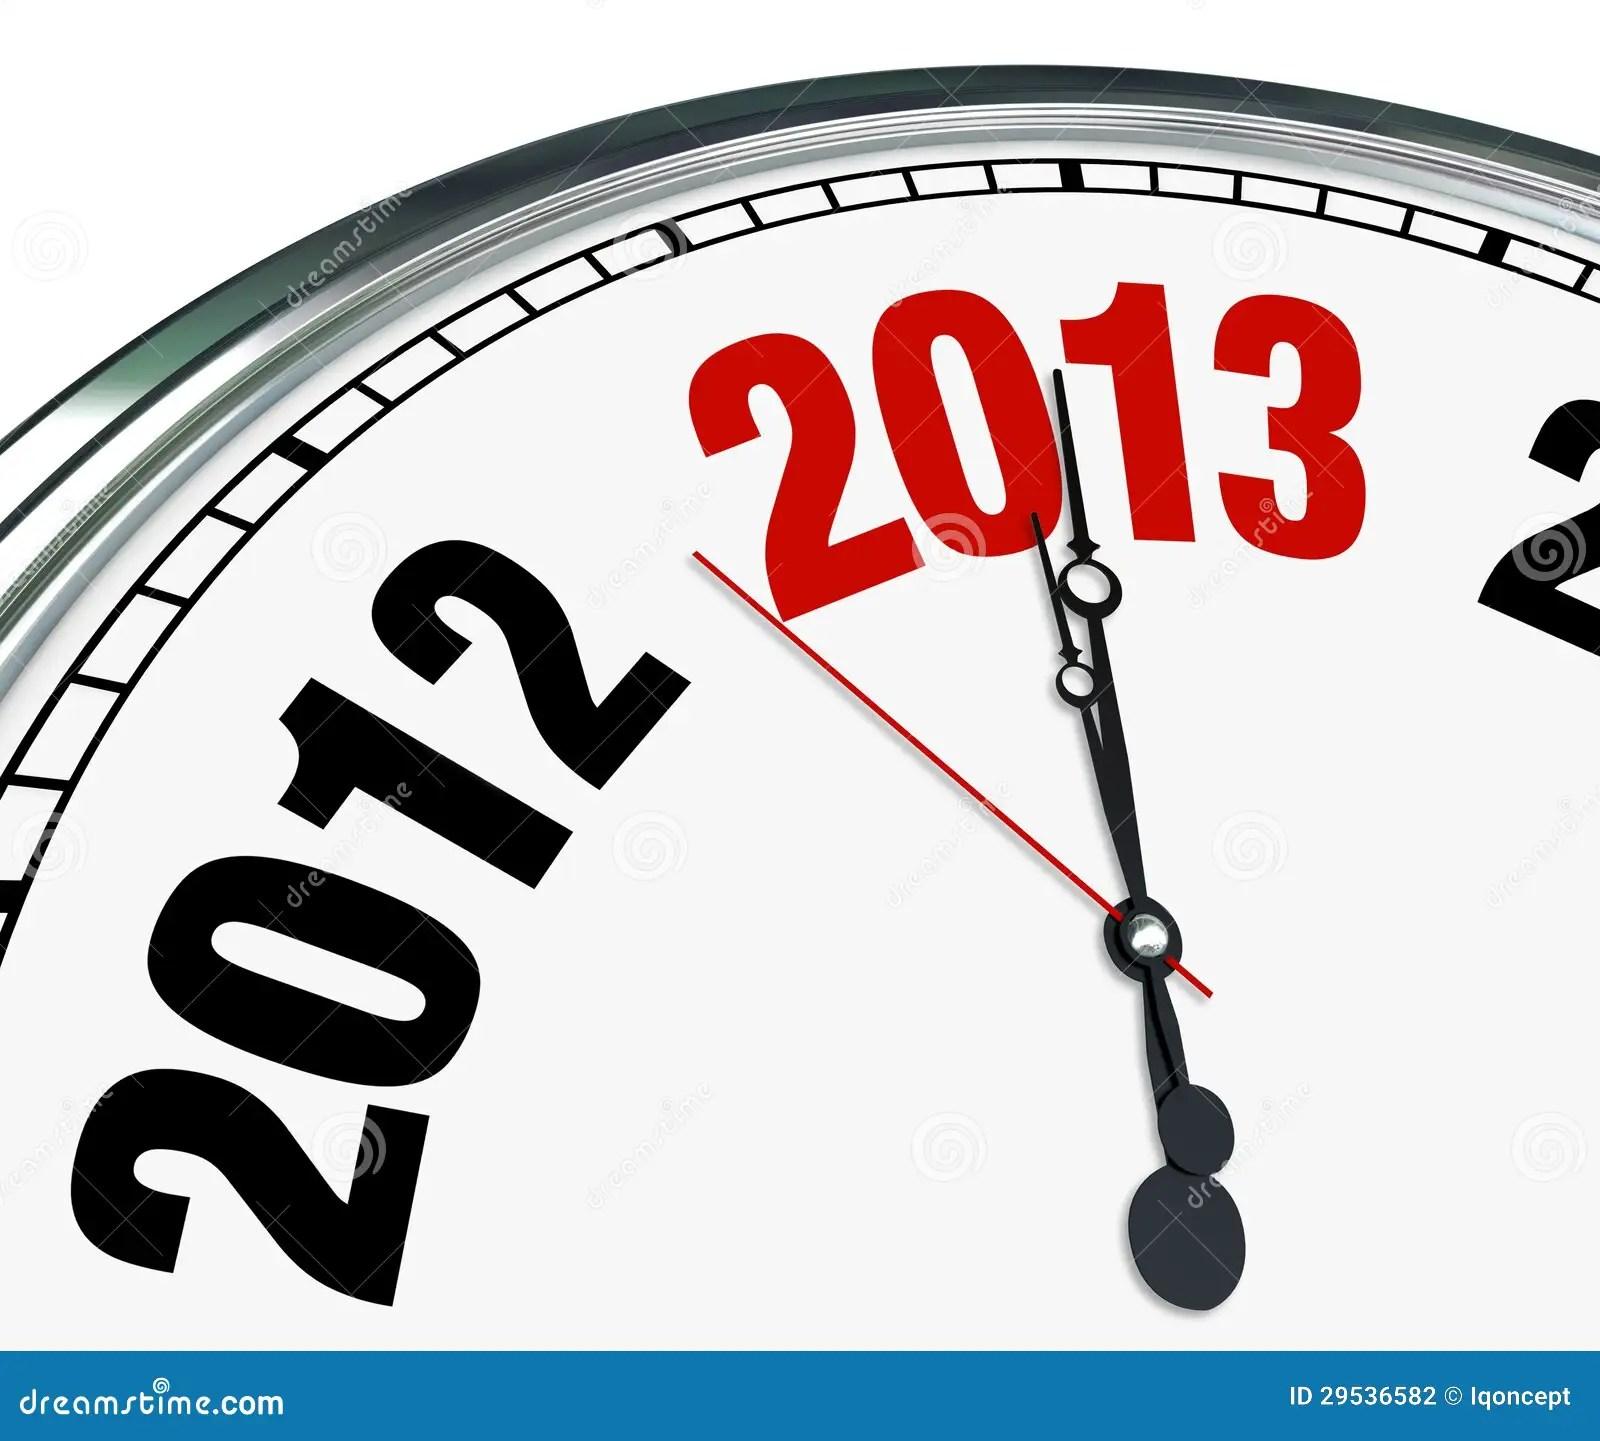 2013 Year End Clip Art